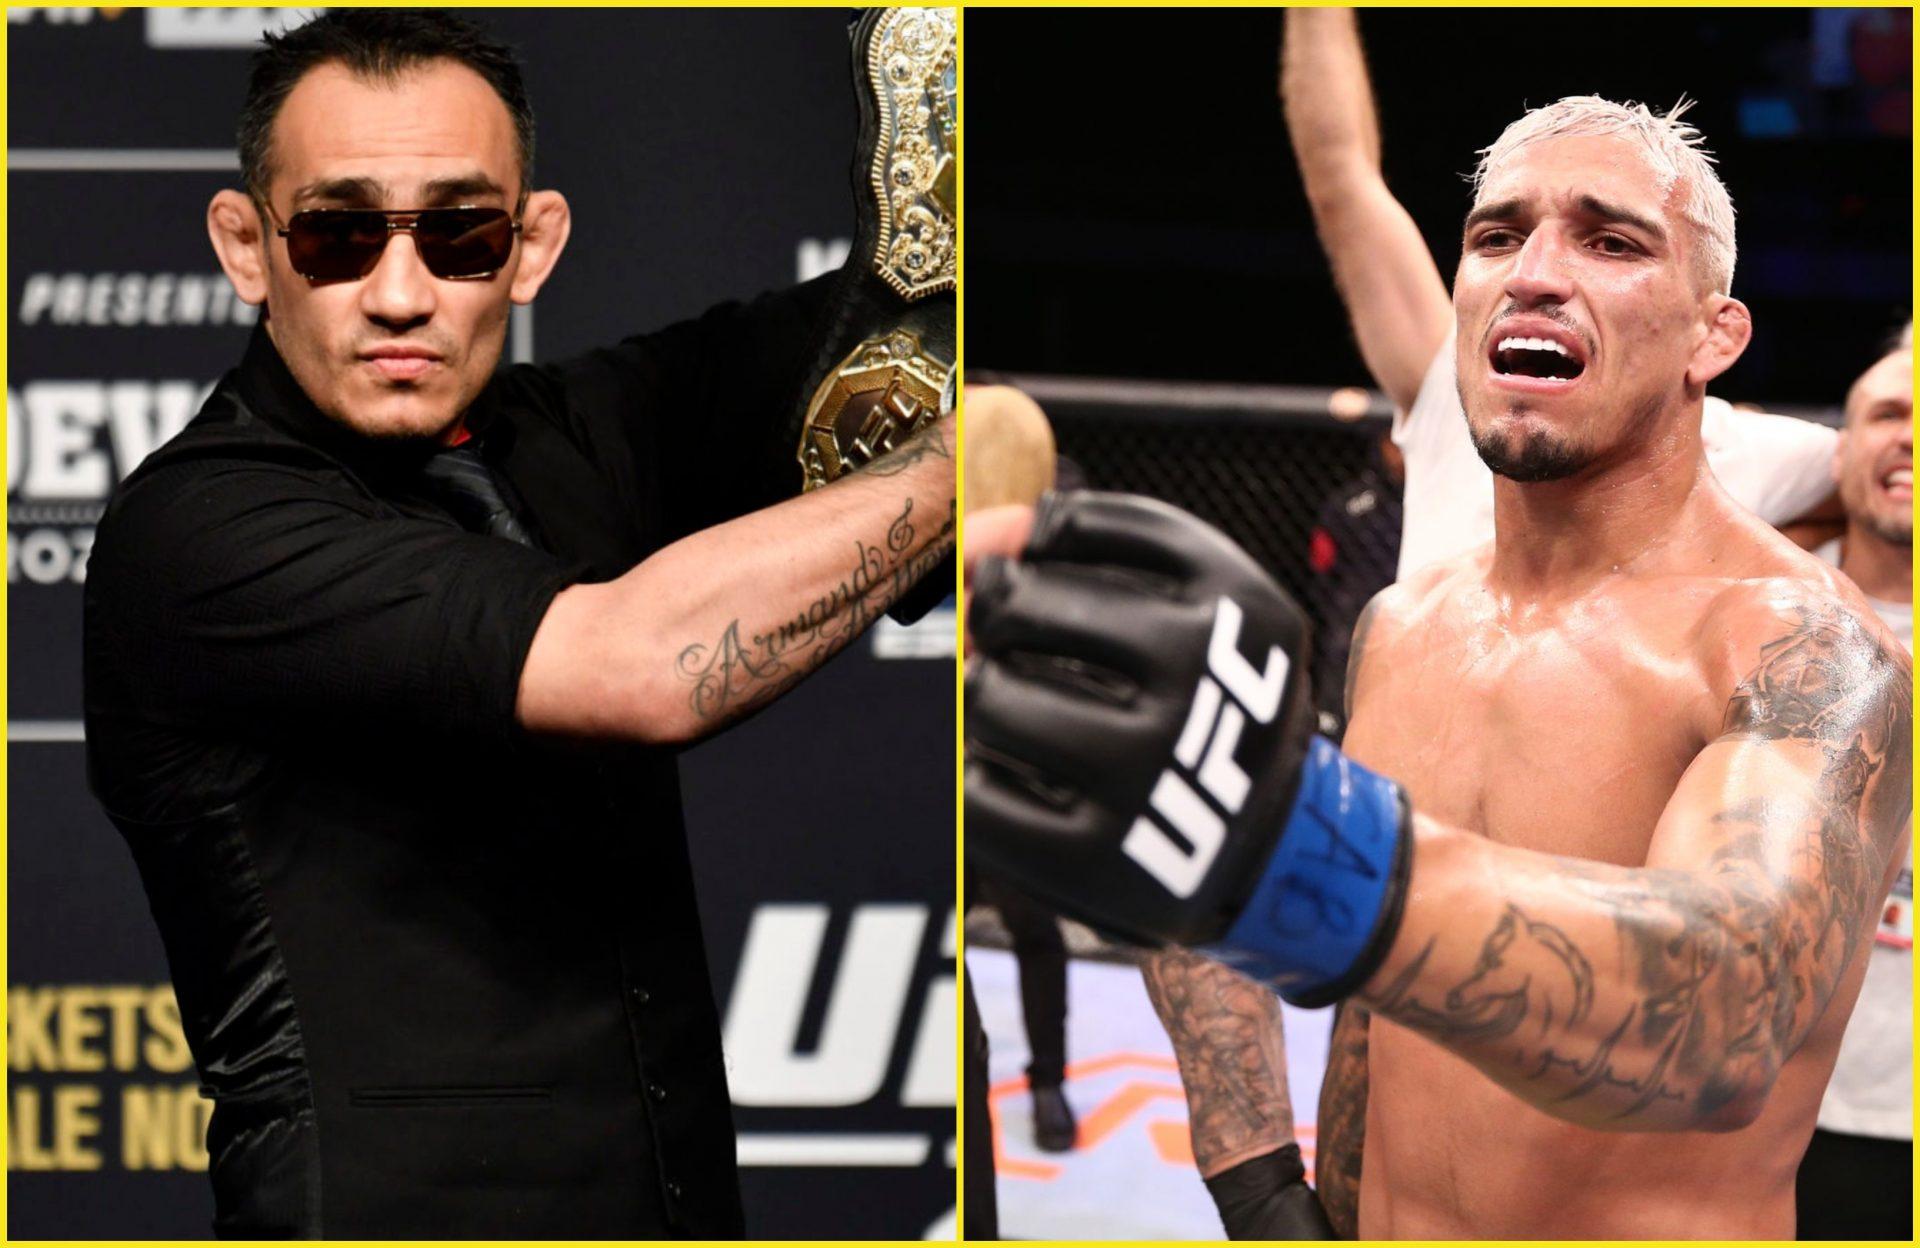 Tony Ferguson is set to fight Charles Oliveira at UFC 256 on Dec 12 - Ferguson